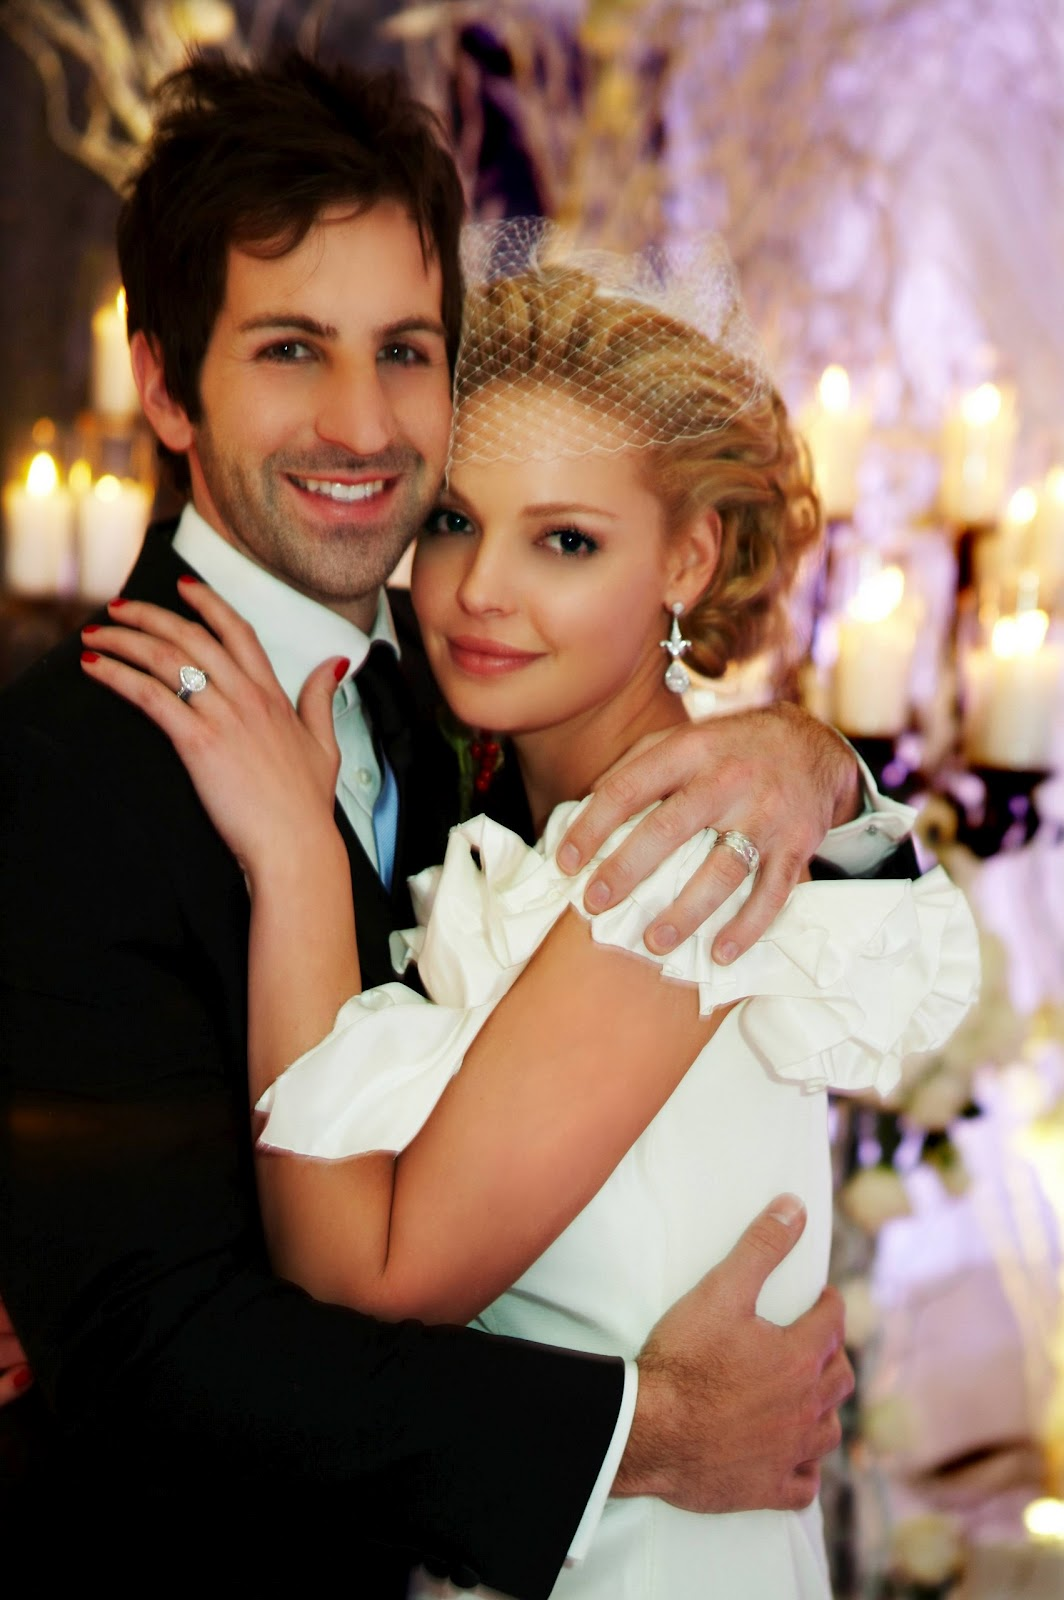 http://3.bp.blogspot.com/-t30U_G3Eauw/UFPFEYNDlTI/AAAAAAAAAns/HiRsEeHh_Mw/s1600/Katherine-H-Josh-wedding-extra-katherine-heigl-1547238-1702-2560.jpg